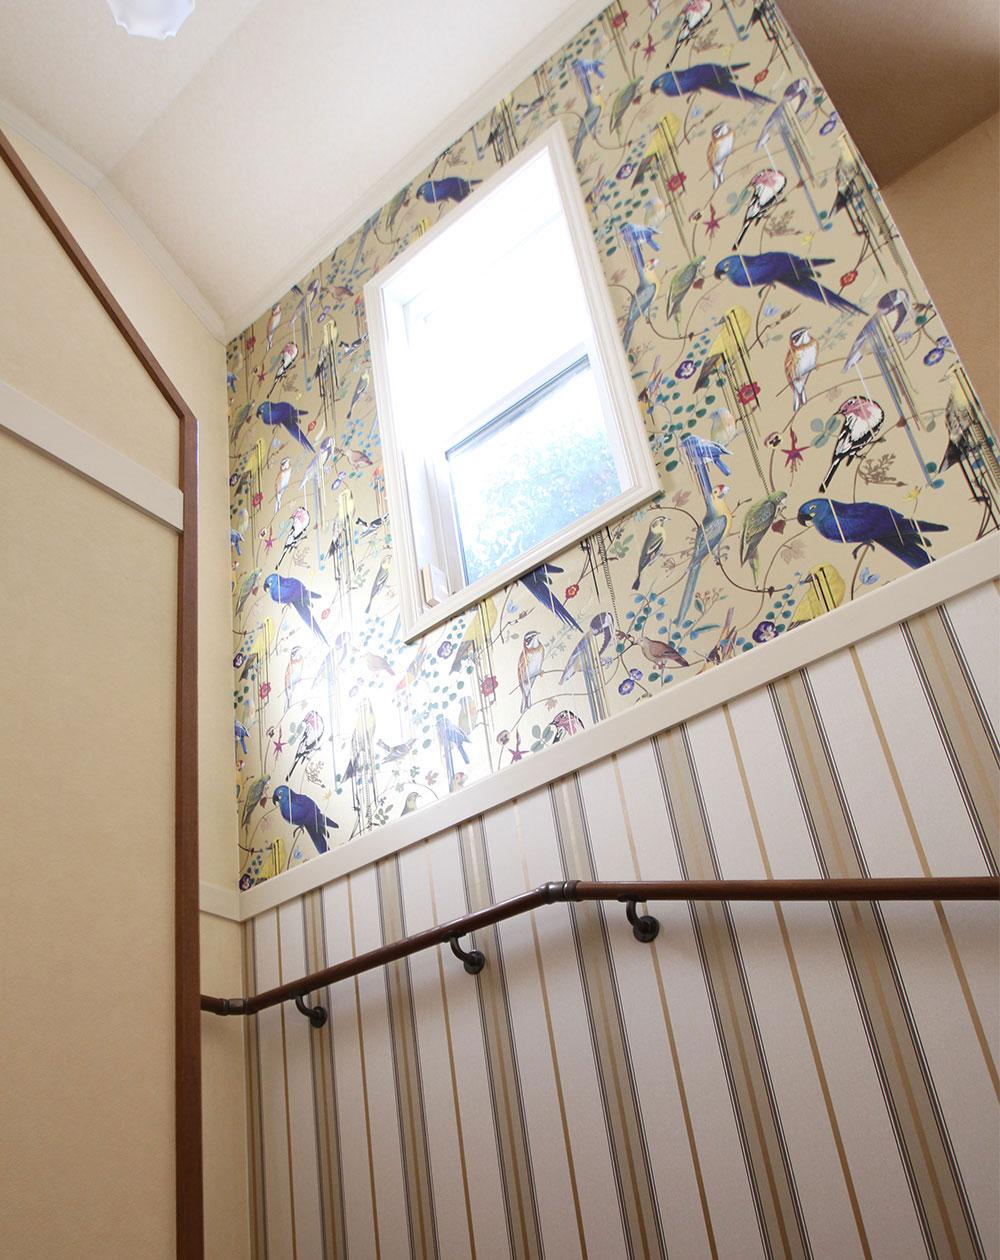 鳥たちのさえずりが聞こえそう 窓が主役の階段ホール 輸入壁紙